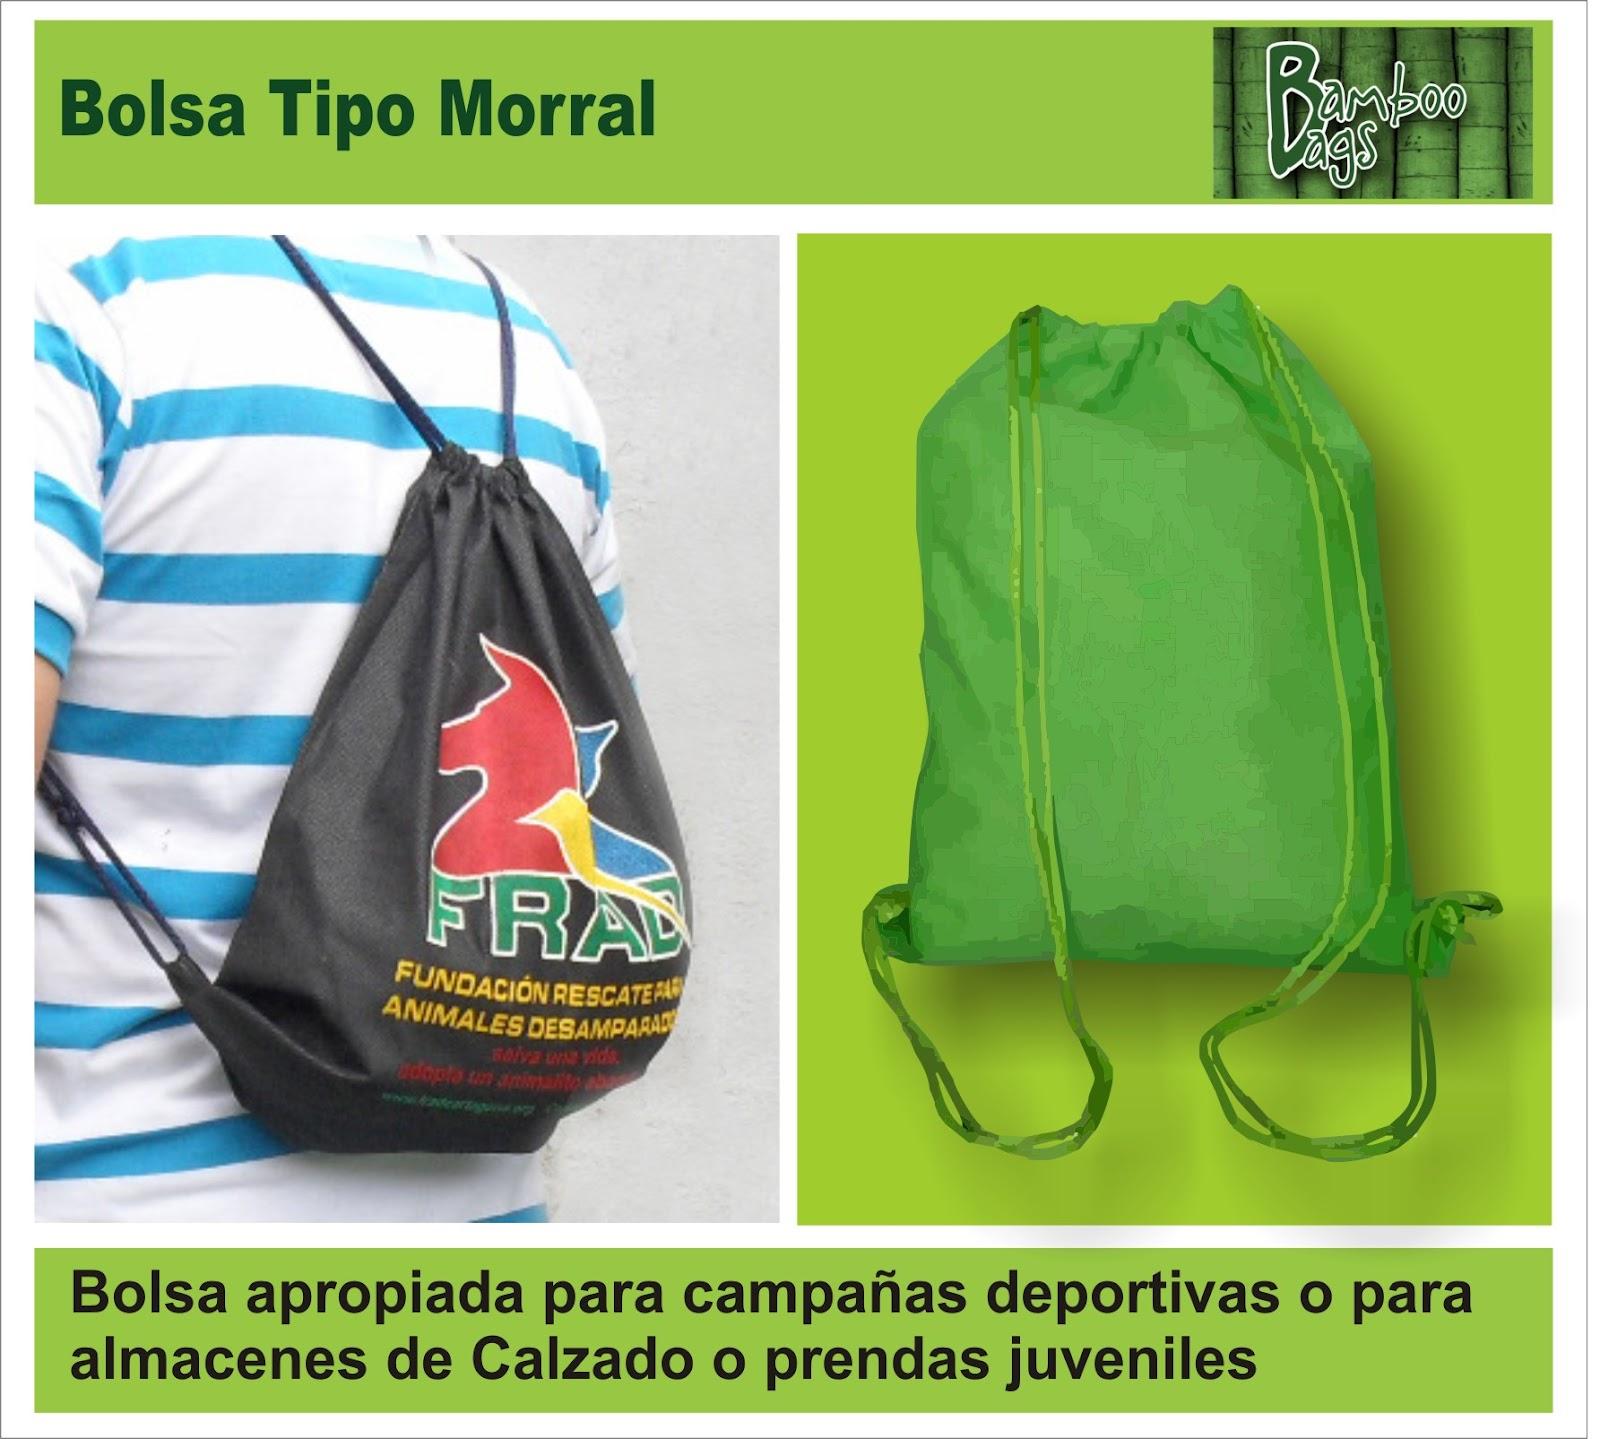 2b4e50d83 BOLSAS ECOLOGICAS PUBLICITARIAS: Bolsa Tipo Morral